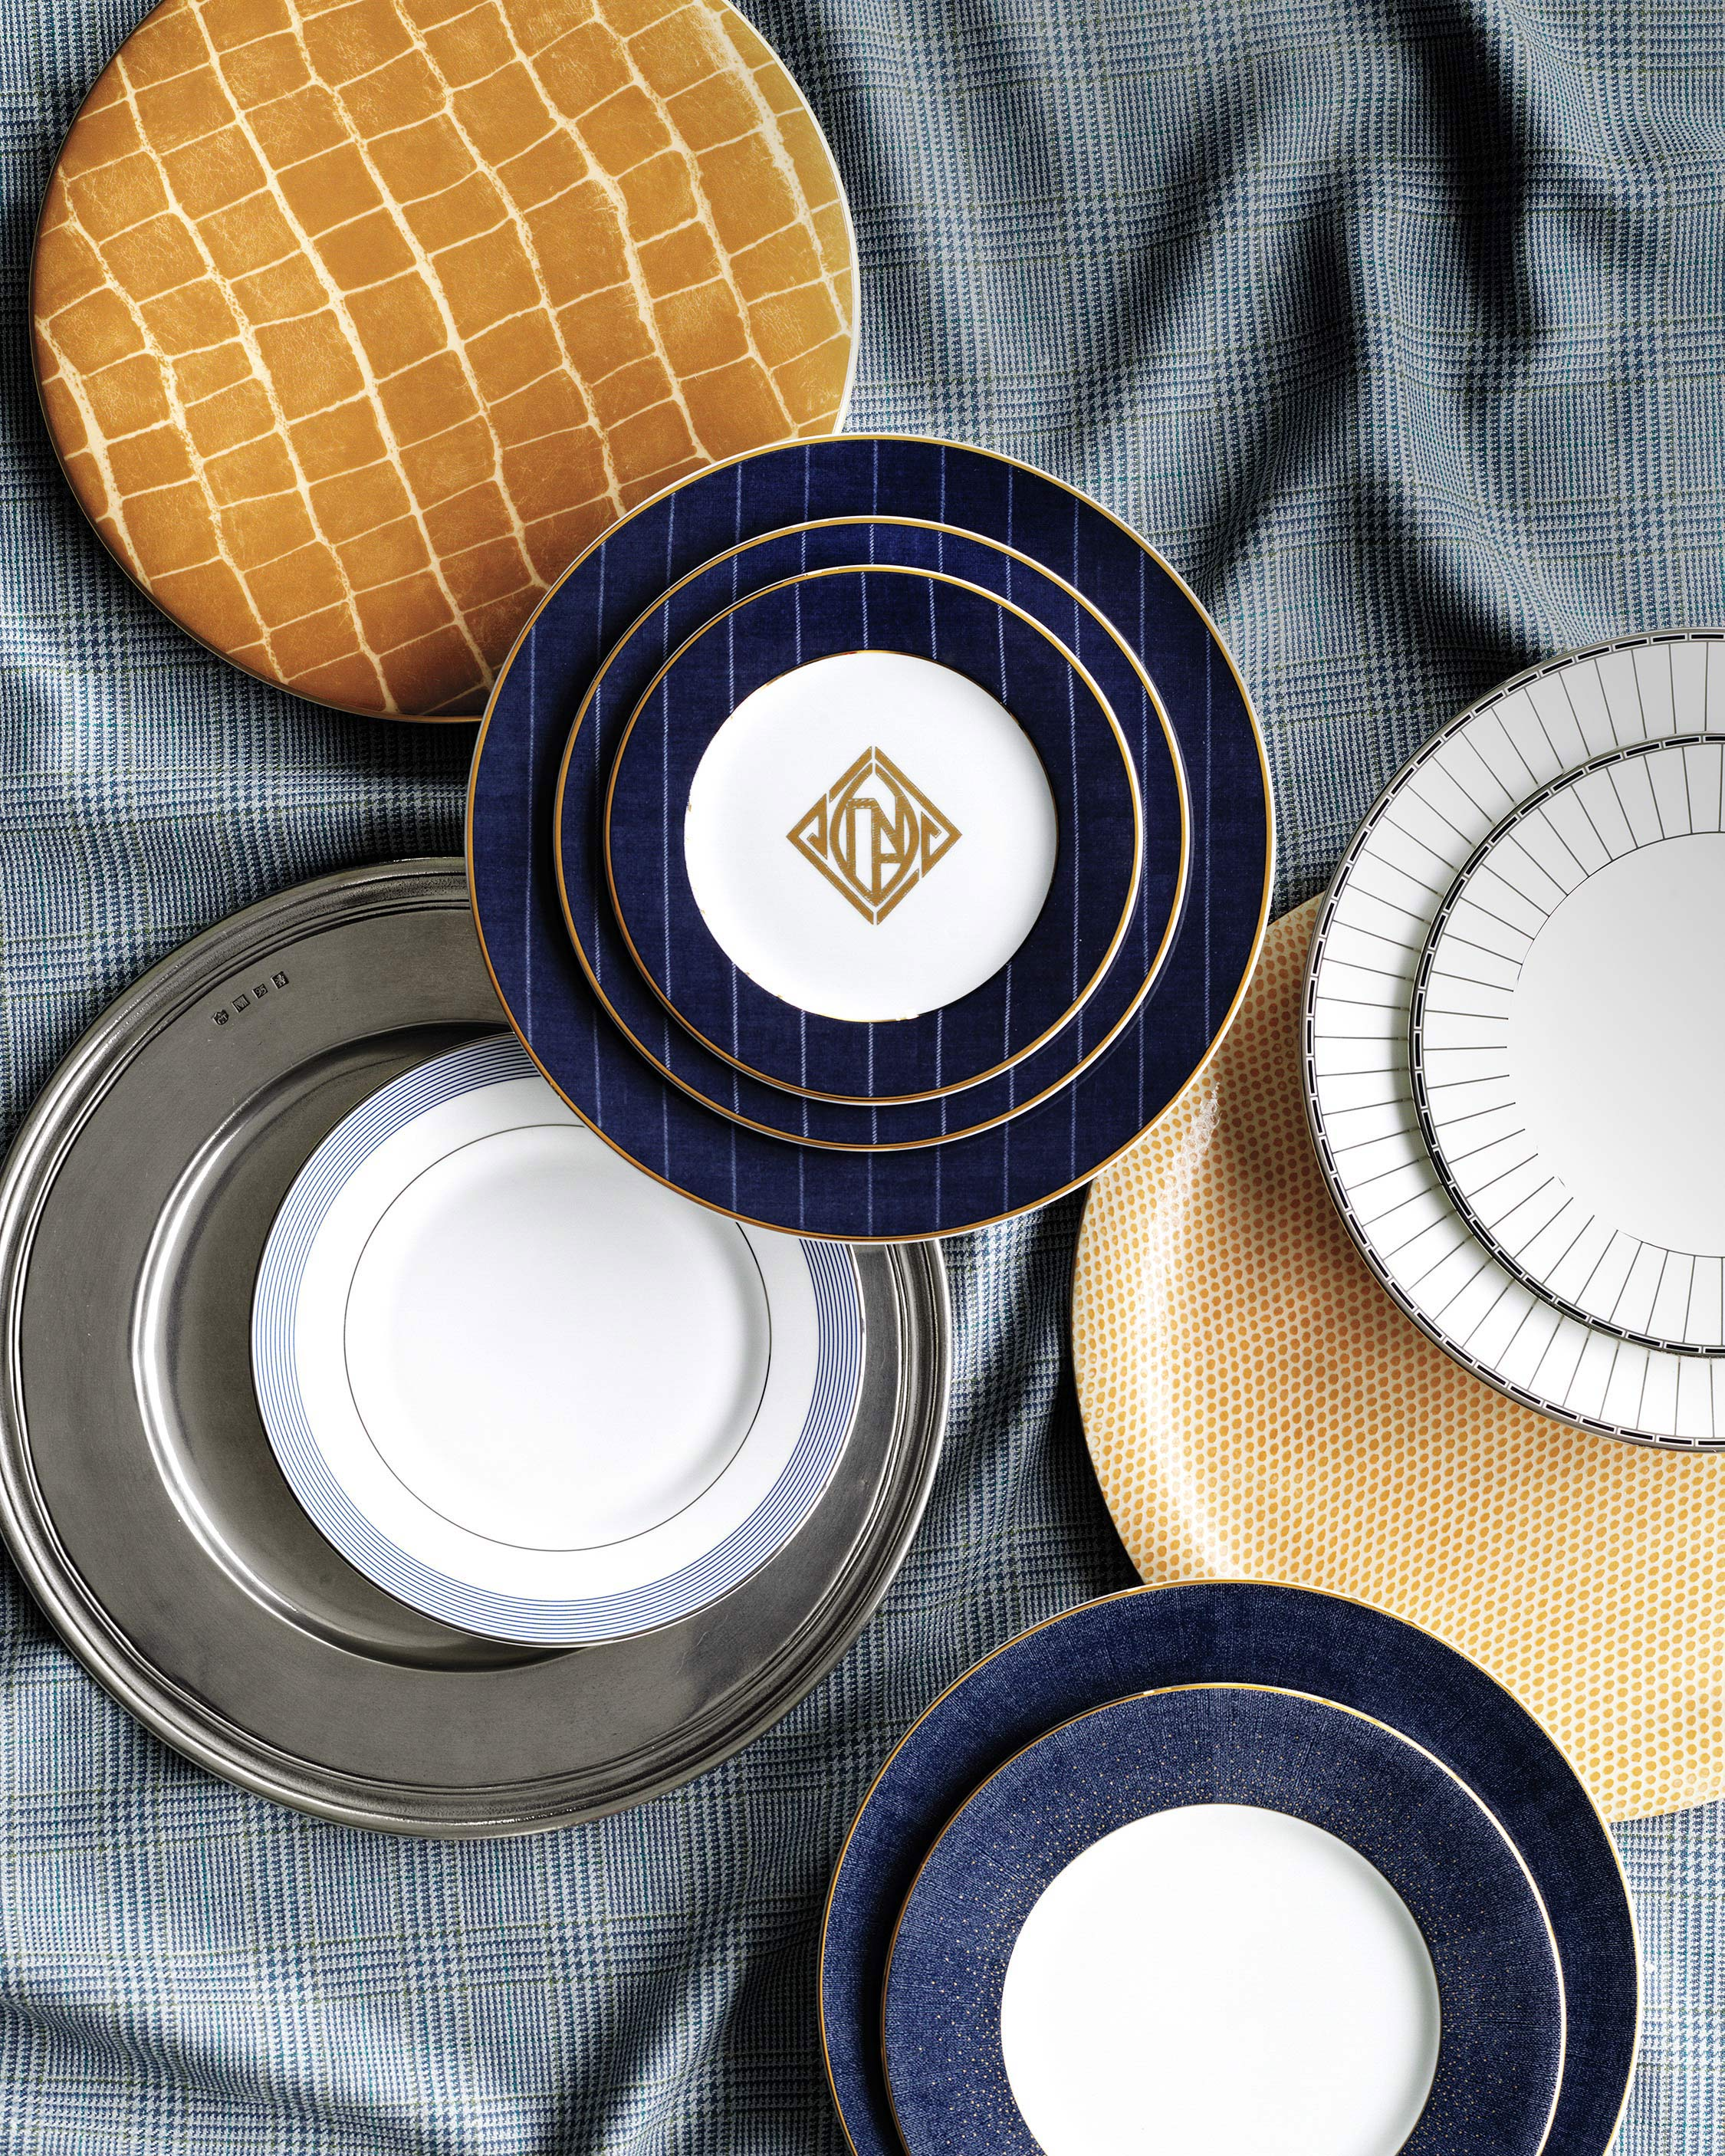 mmenswear-style-pattern-plates-05-d112735.jpg